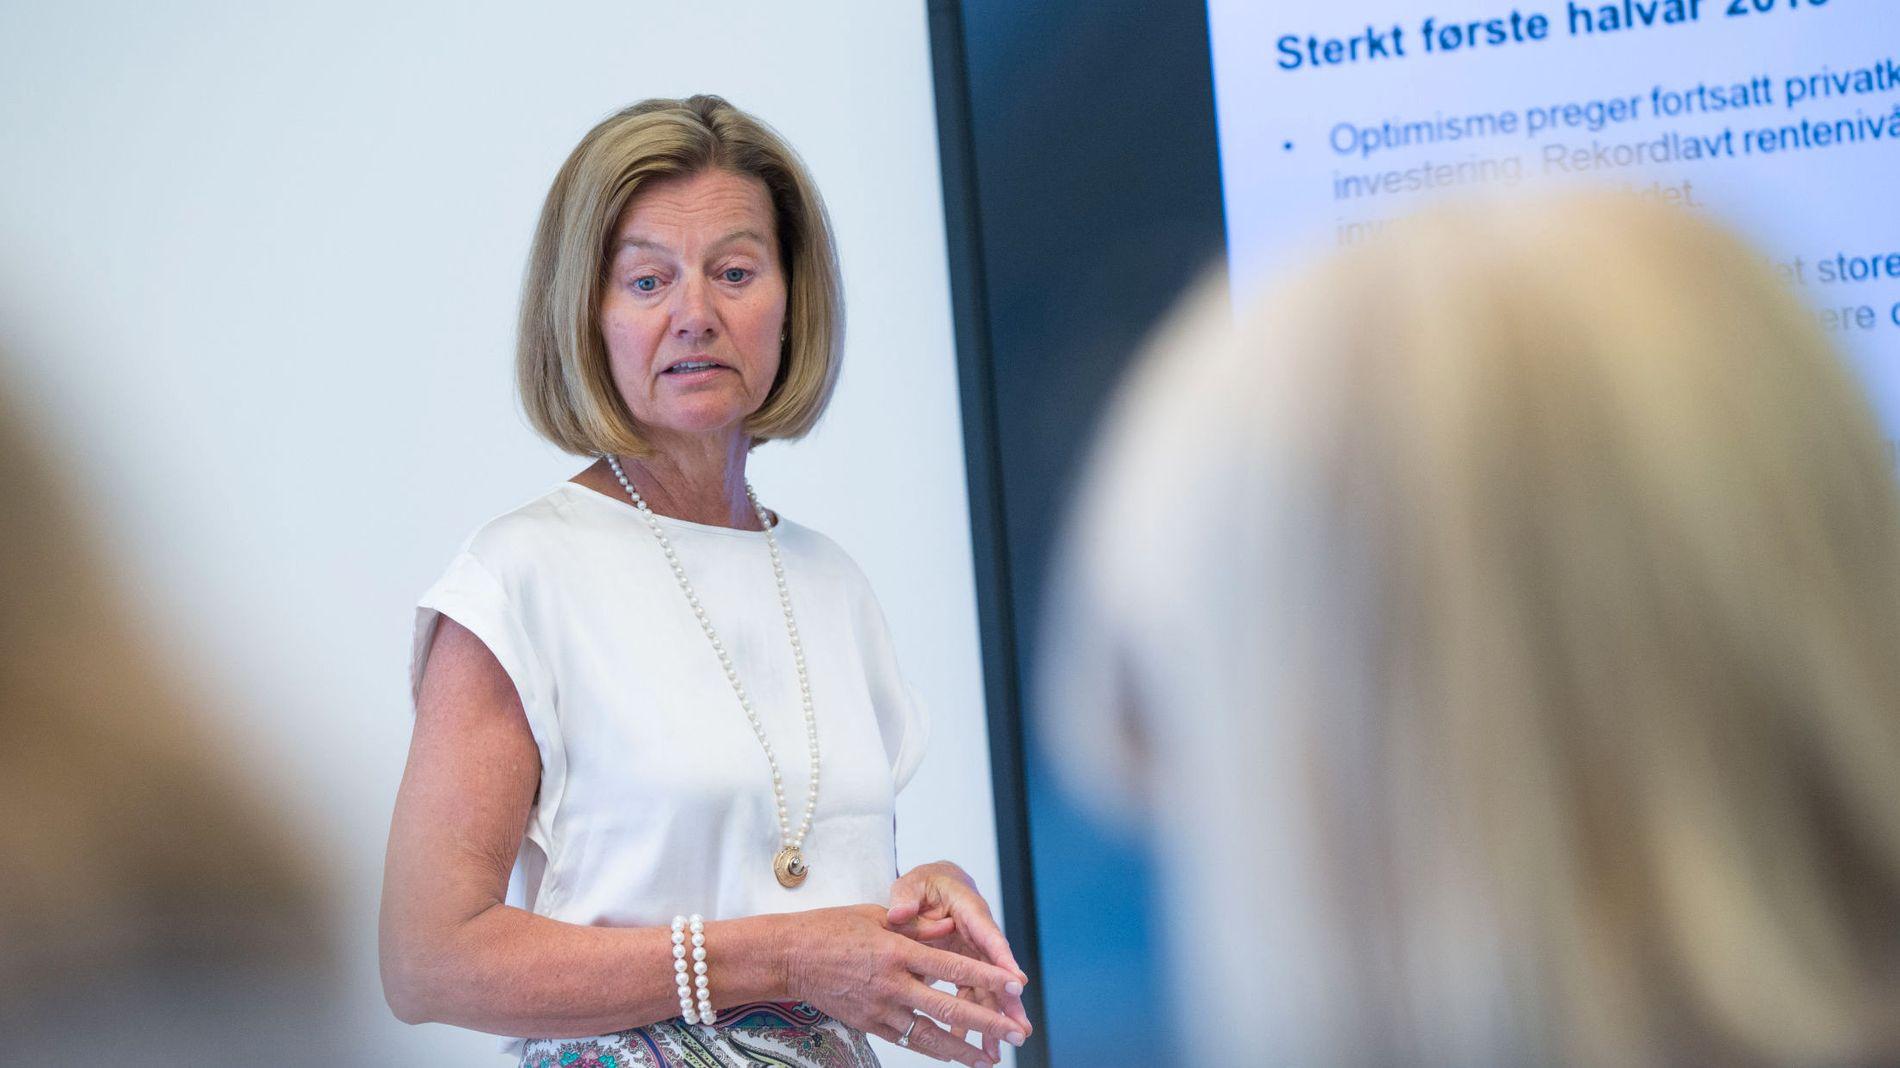 FÅR JUMBOPLASS: Administrerende direktør for Nordea Bank Norge, Gunn Wærsted, kunne rapportere om et «sterkt første halvår» i 2015. Tilfredsheten blant kundene er ikke like sterk.